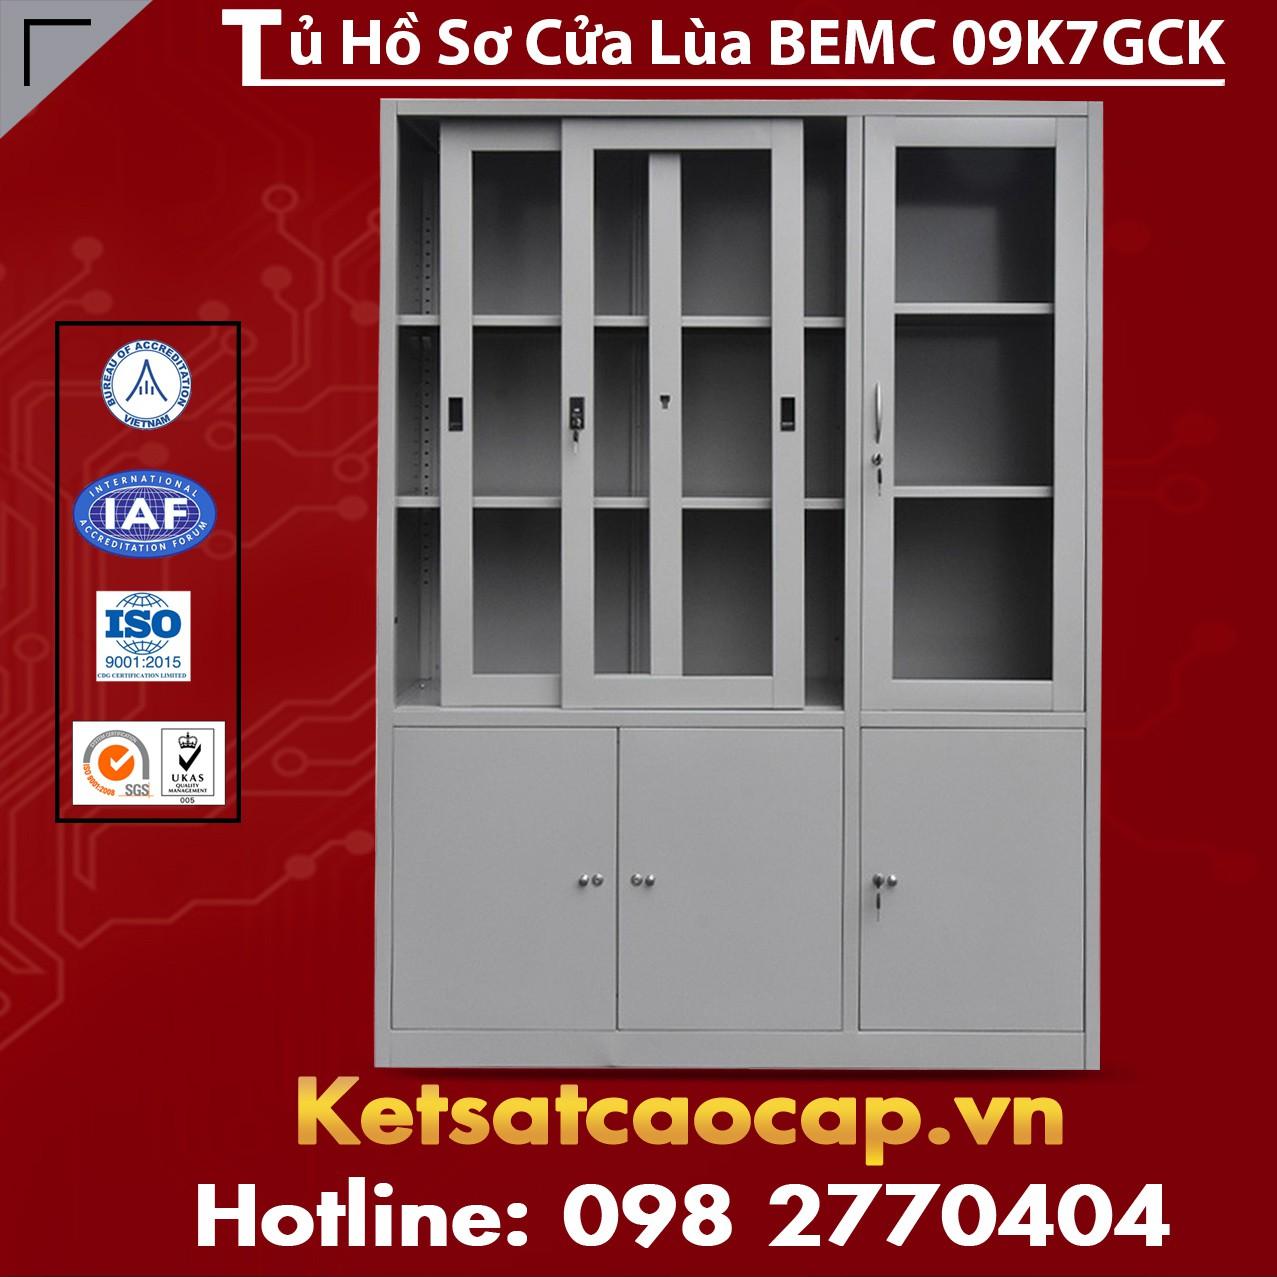 Tủ Hồ Sơ BEMC 09K7GCK